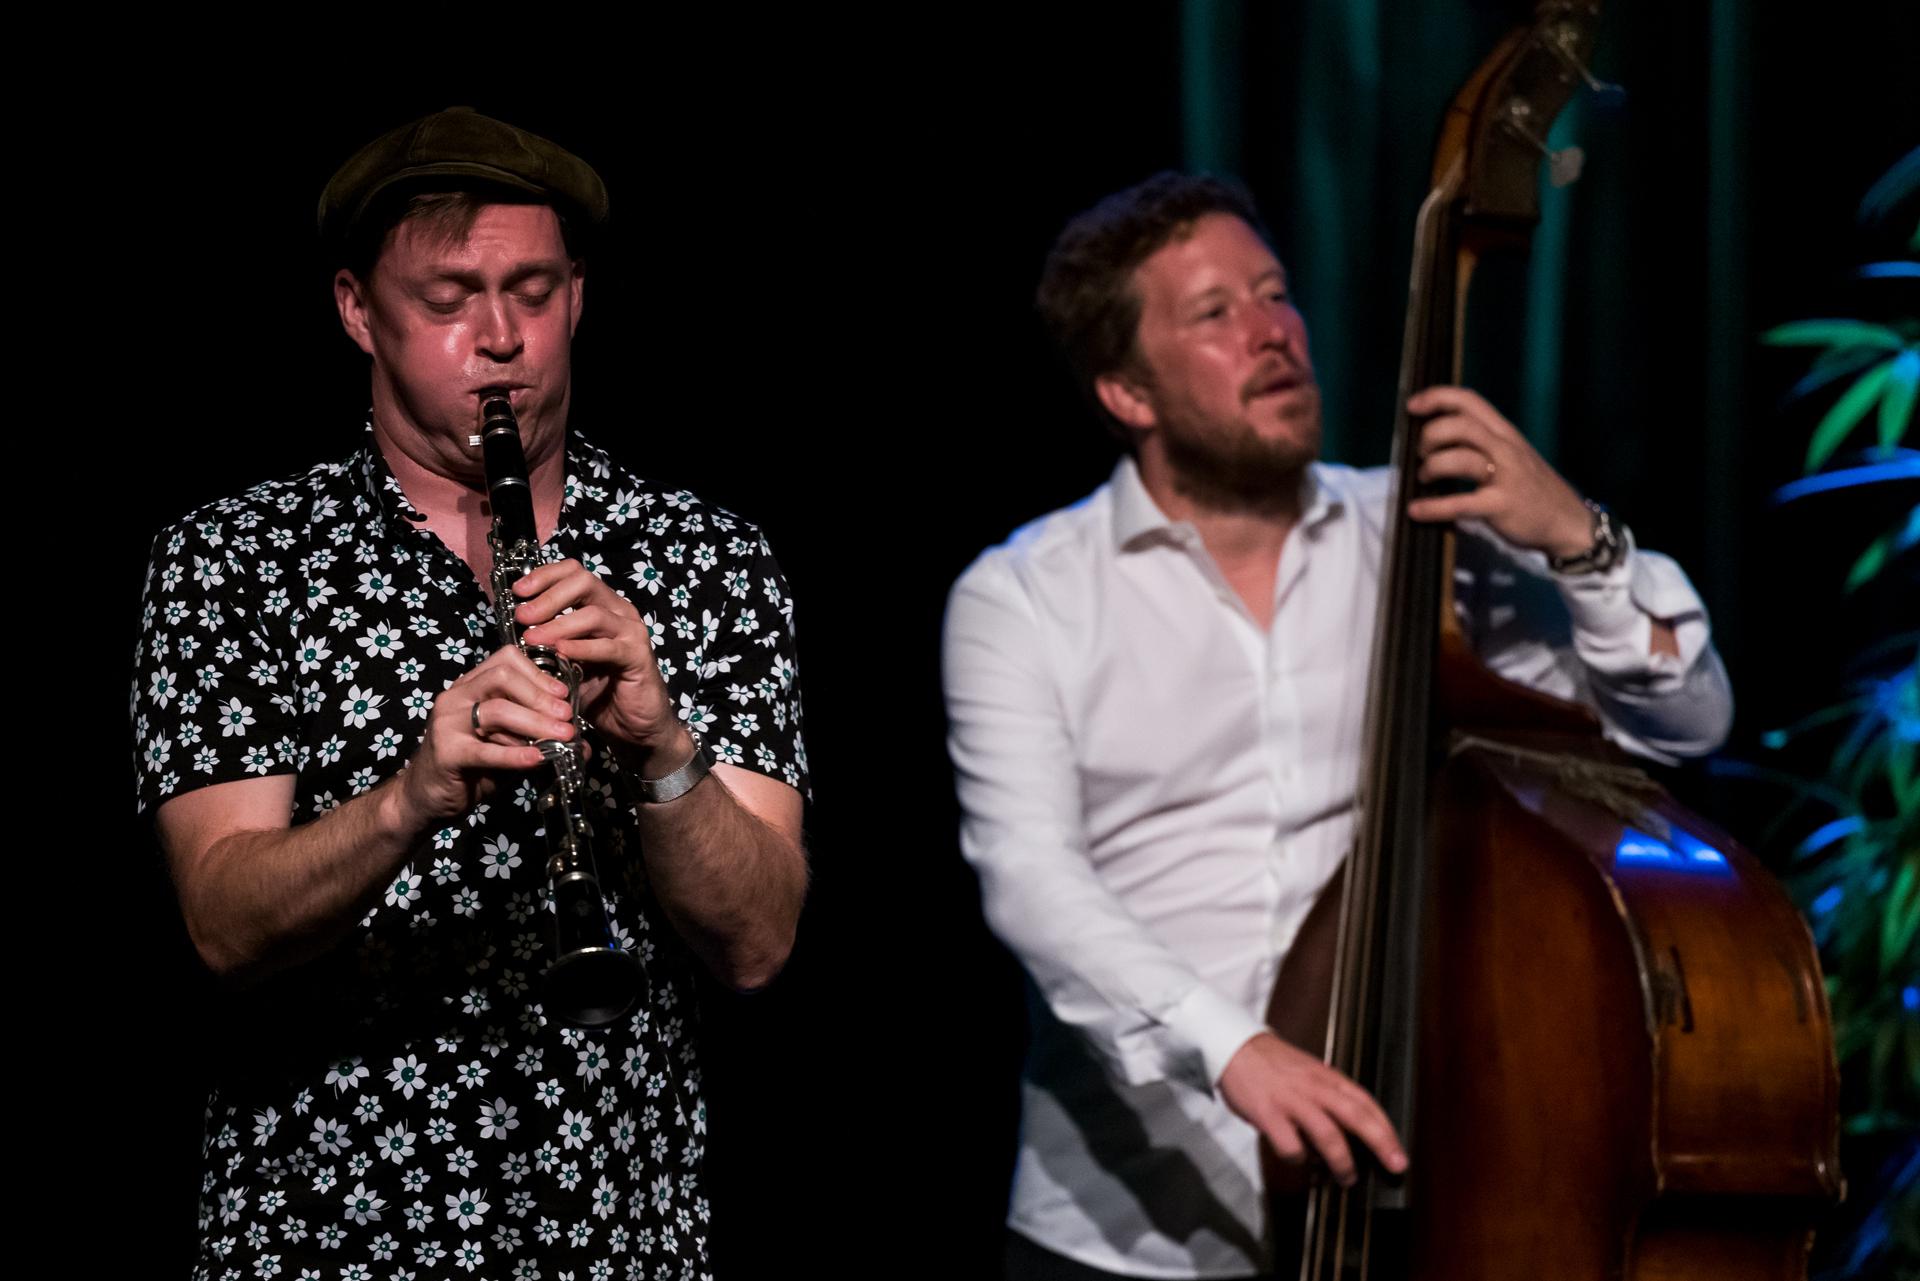 2020_08_12-Adrian-Cox-Quartet-©-Luca-Vantusso-205032-EOS50728